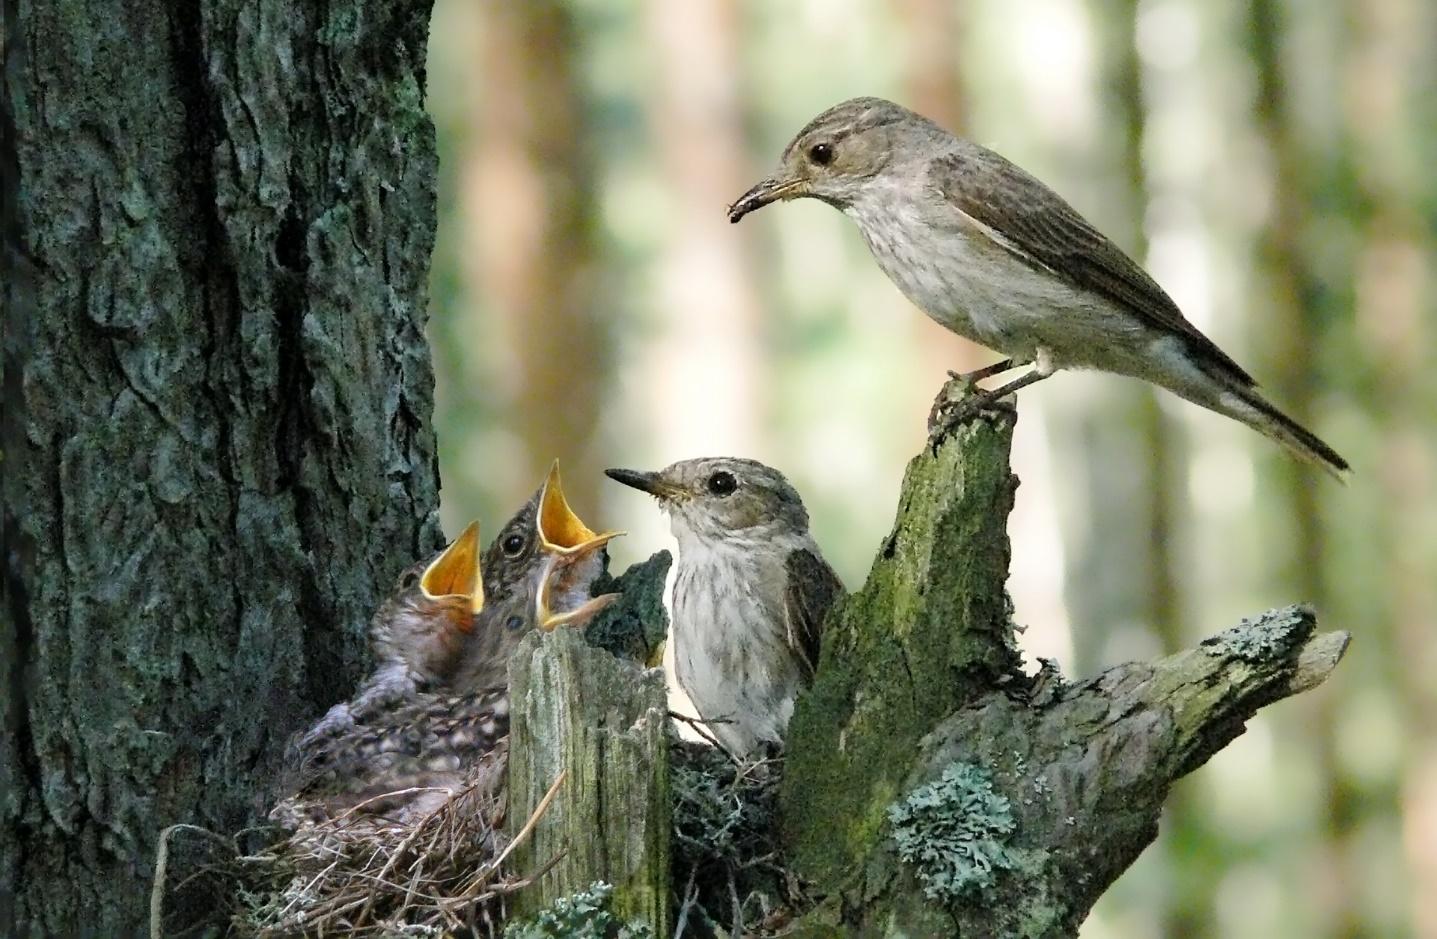 картинки птицы в весеннем лесу мелкие капли